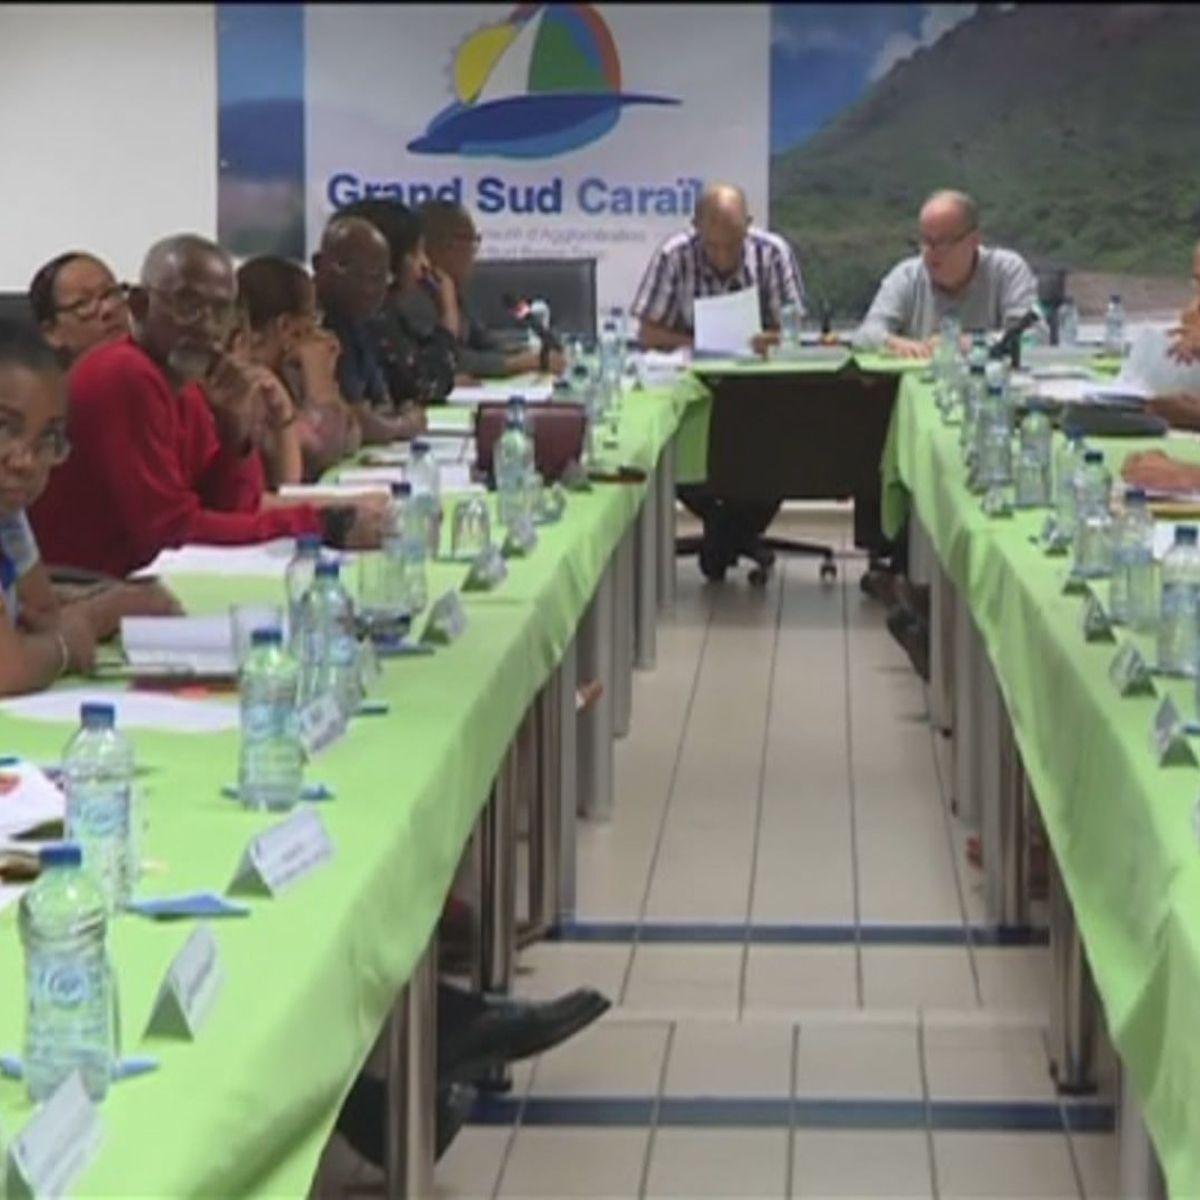 La communauté d'agglomération Grand Sud Caraibes tenait son assemblée générale ce mardi